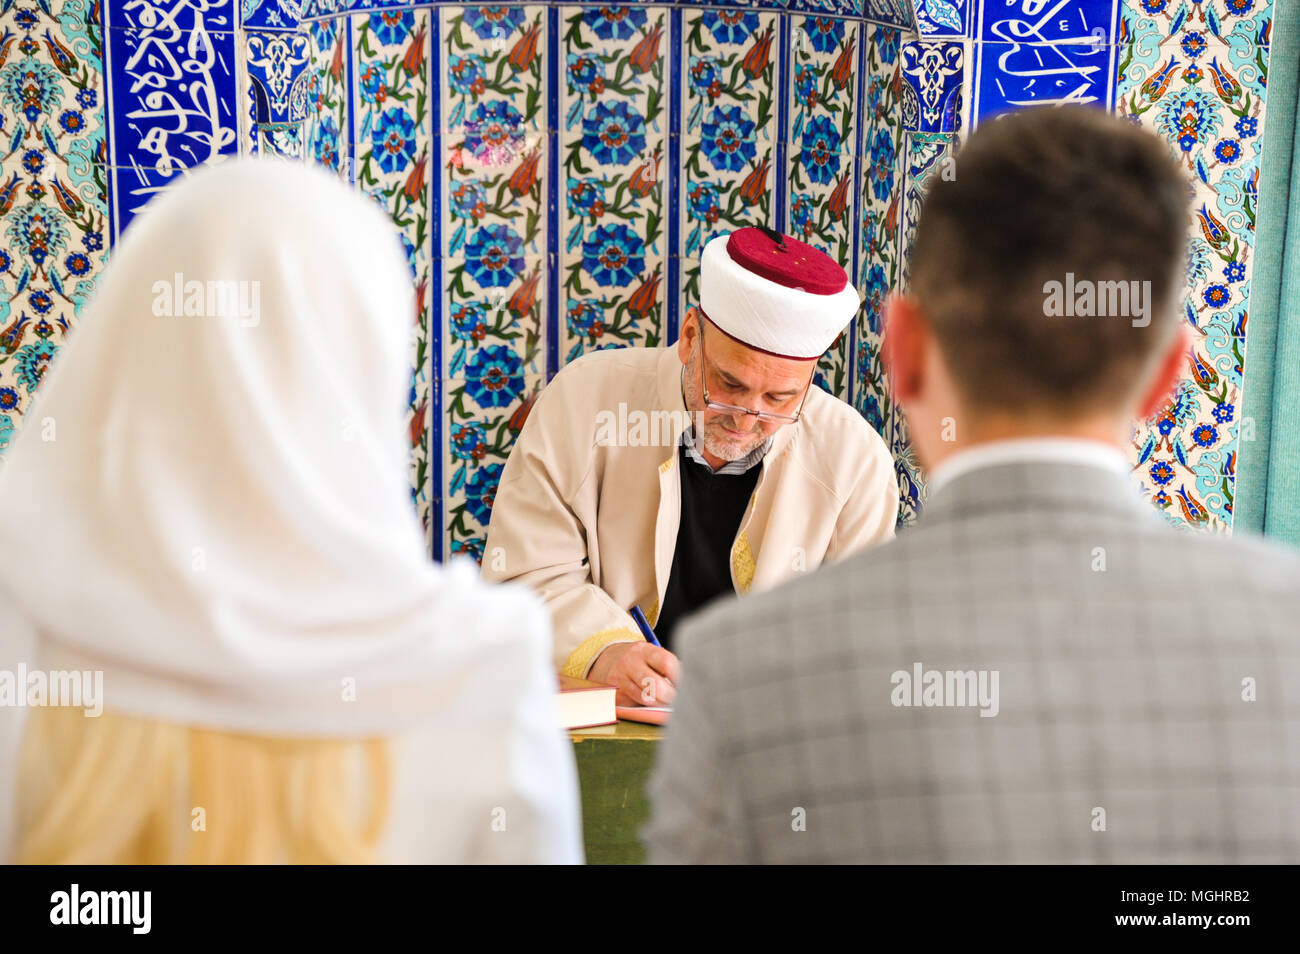 Muslimische Hochzeit So Heiratet Man Im Islam Theperfectwedding De